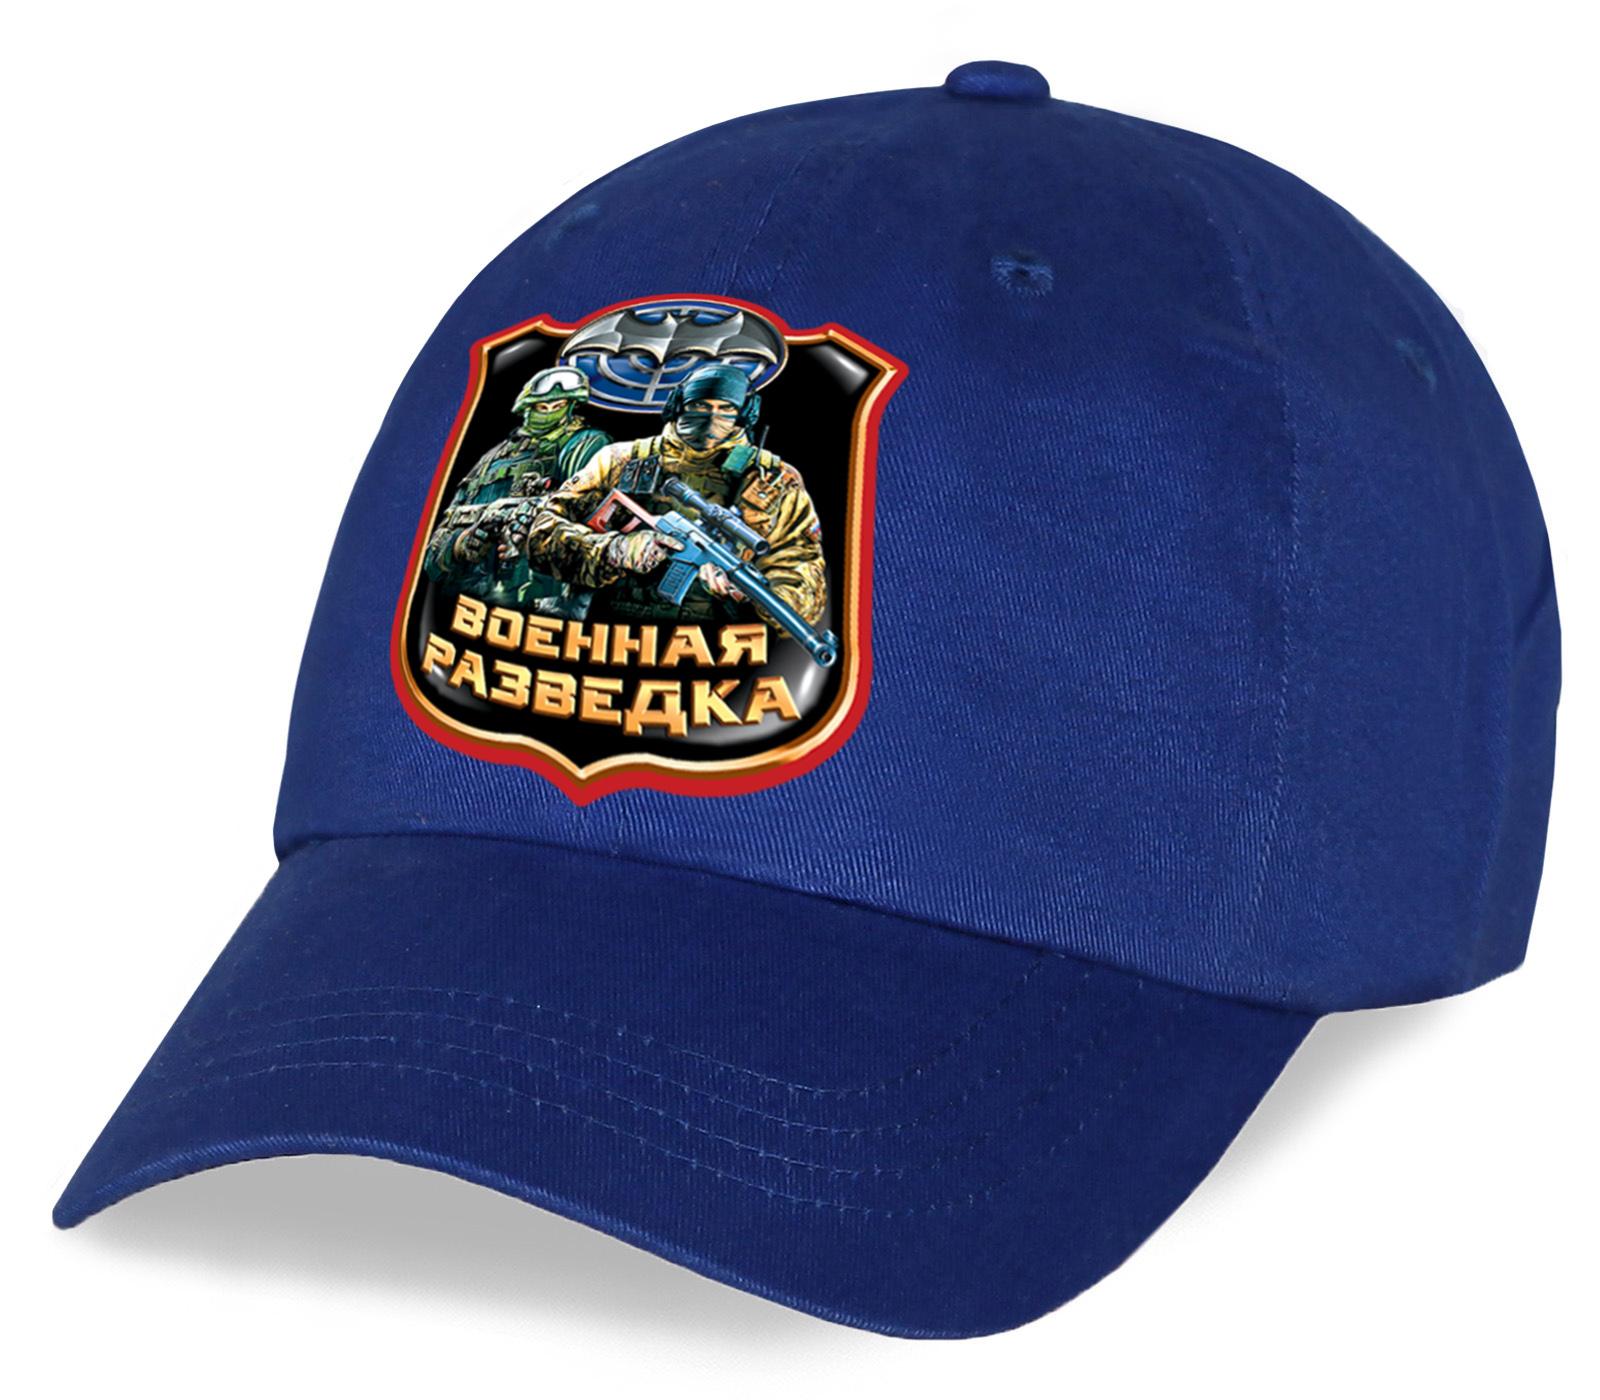 Подписчикам и клиентам Военпро эксклюзивная высококачественная кепка с авторским принтом Военная разведка. Стильный топовый подарок!